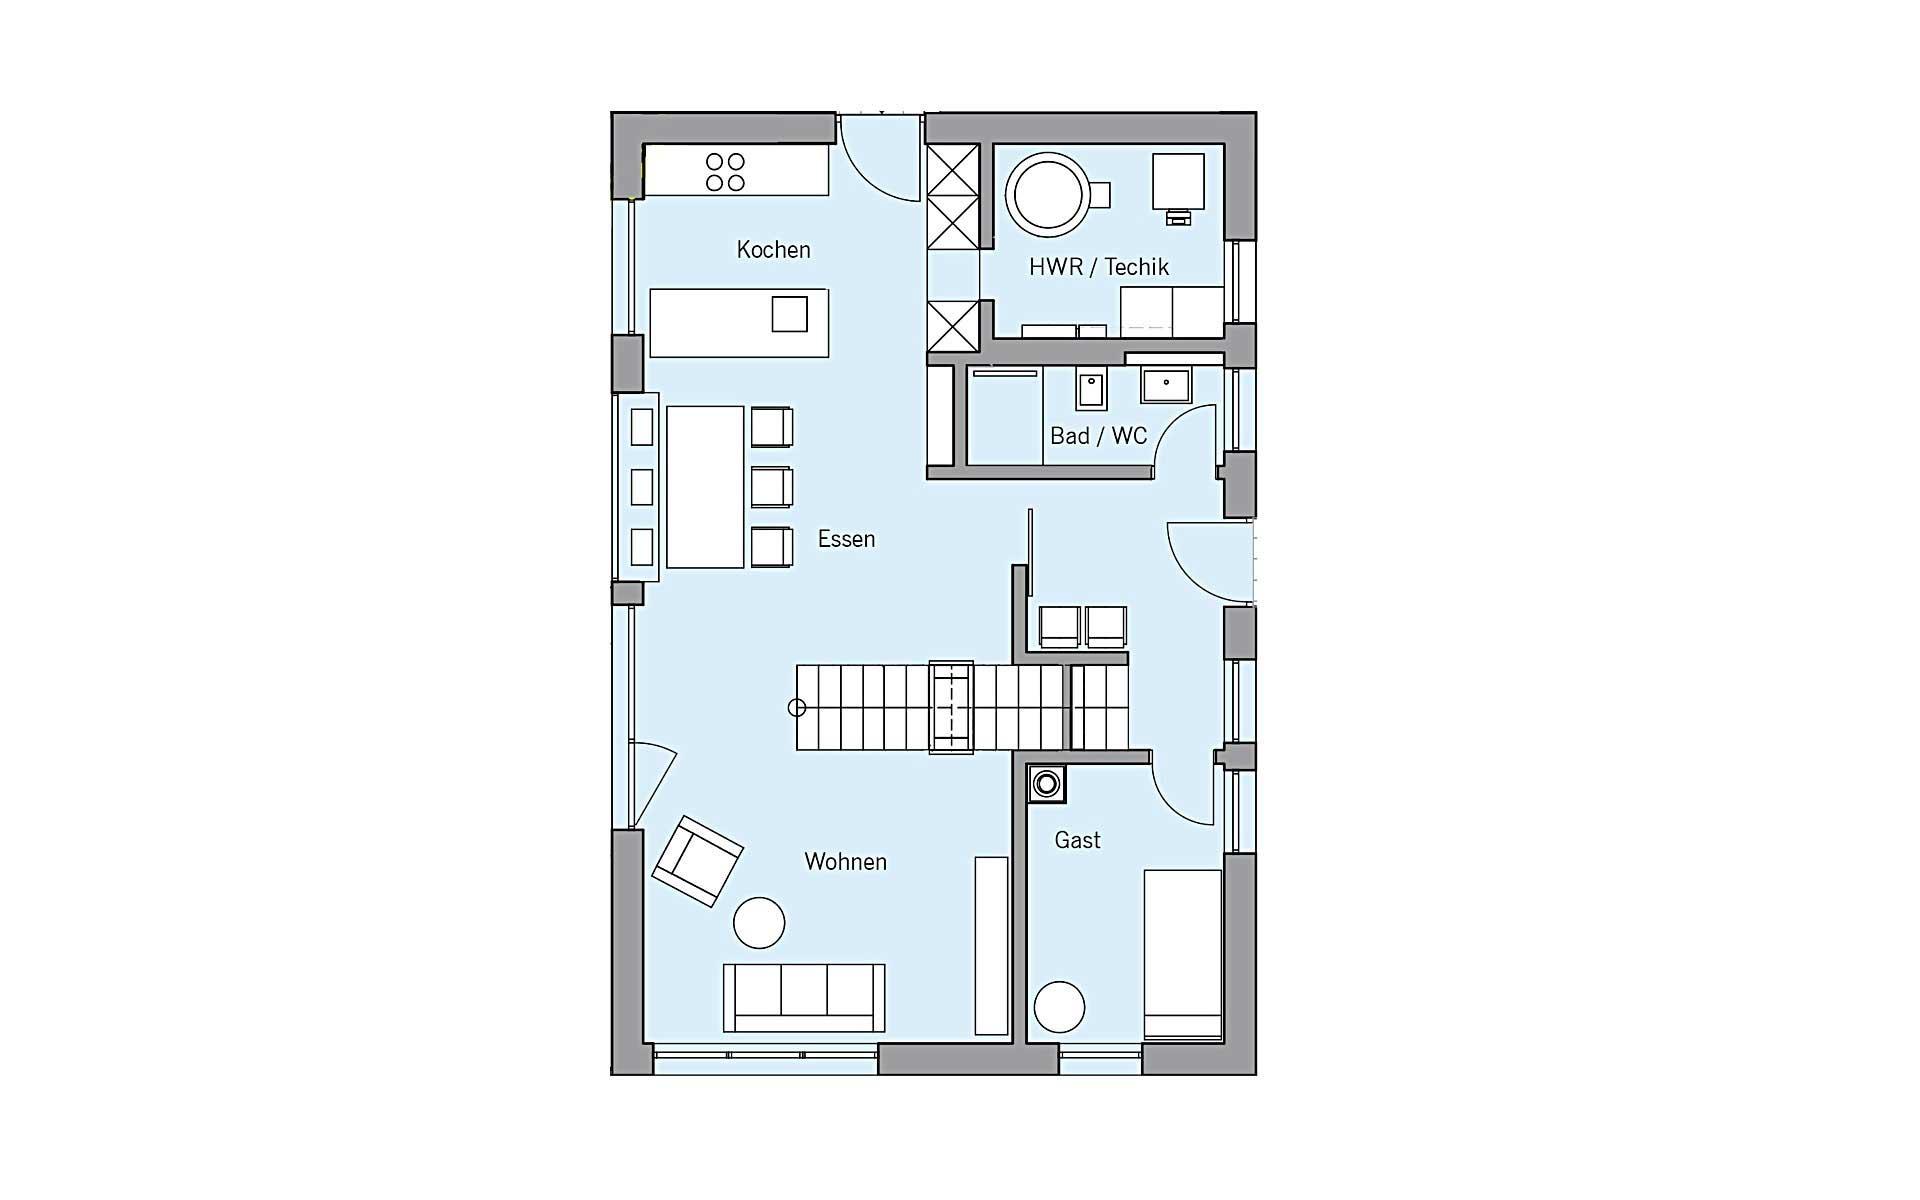 Erdgeschoss Remiger von Bau-Fritz GmbH & Co. KG, seit 1896